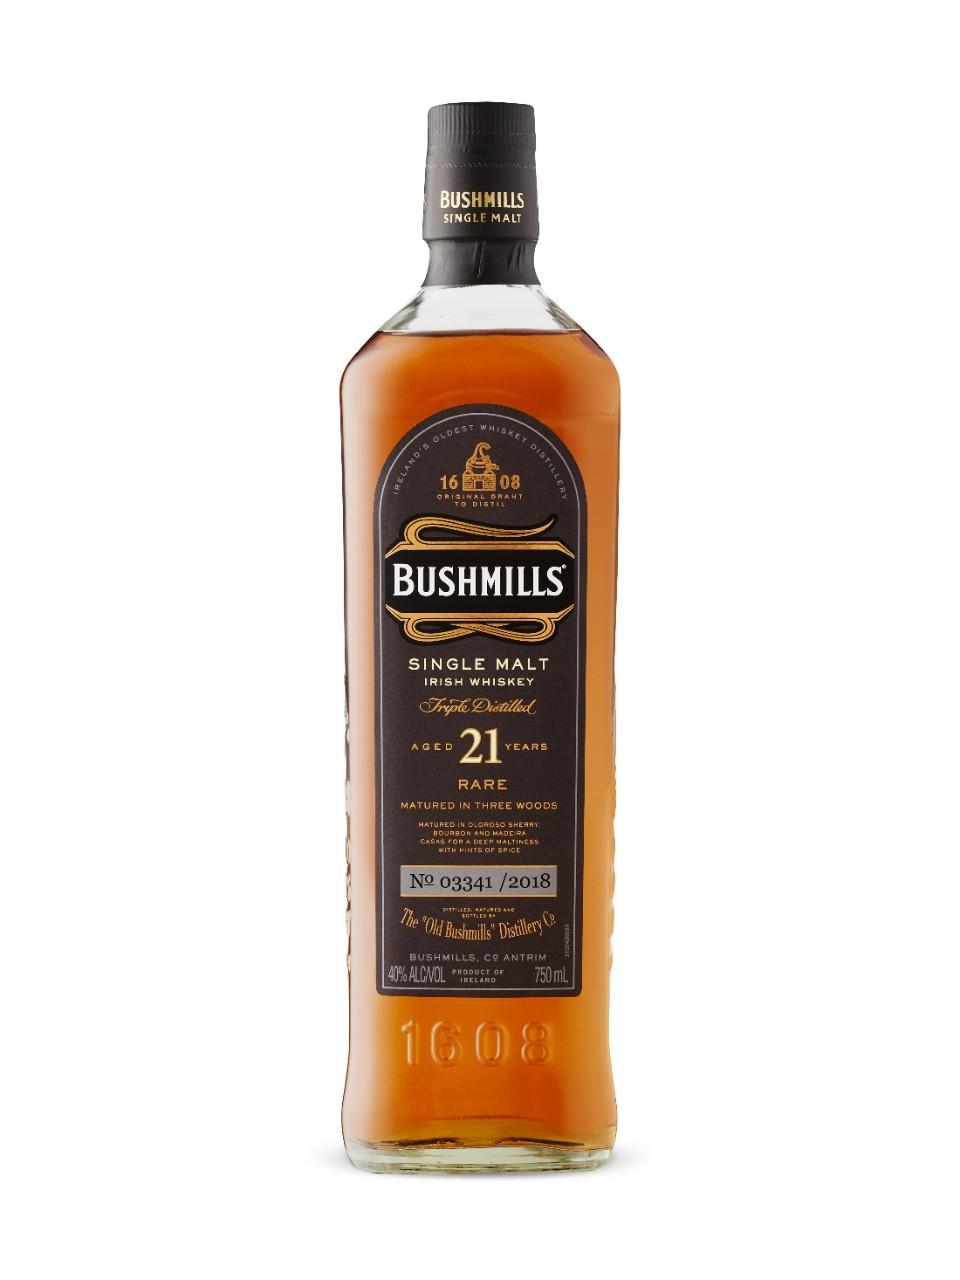 BUSHMILLS 21 YEARS IRISH SINGLE MALT 700ml